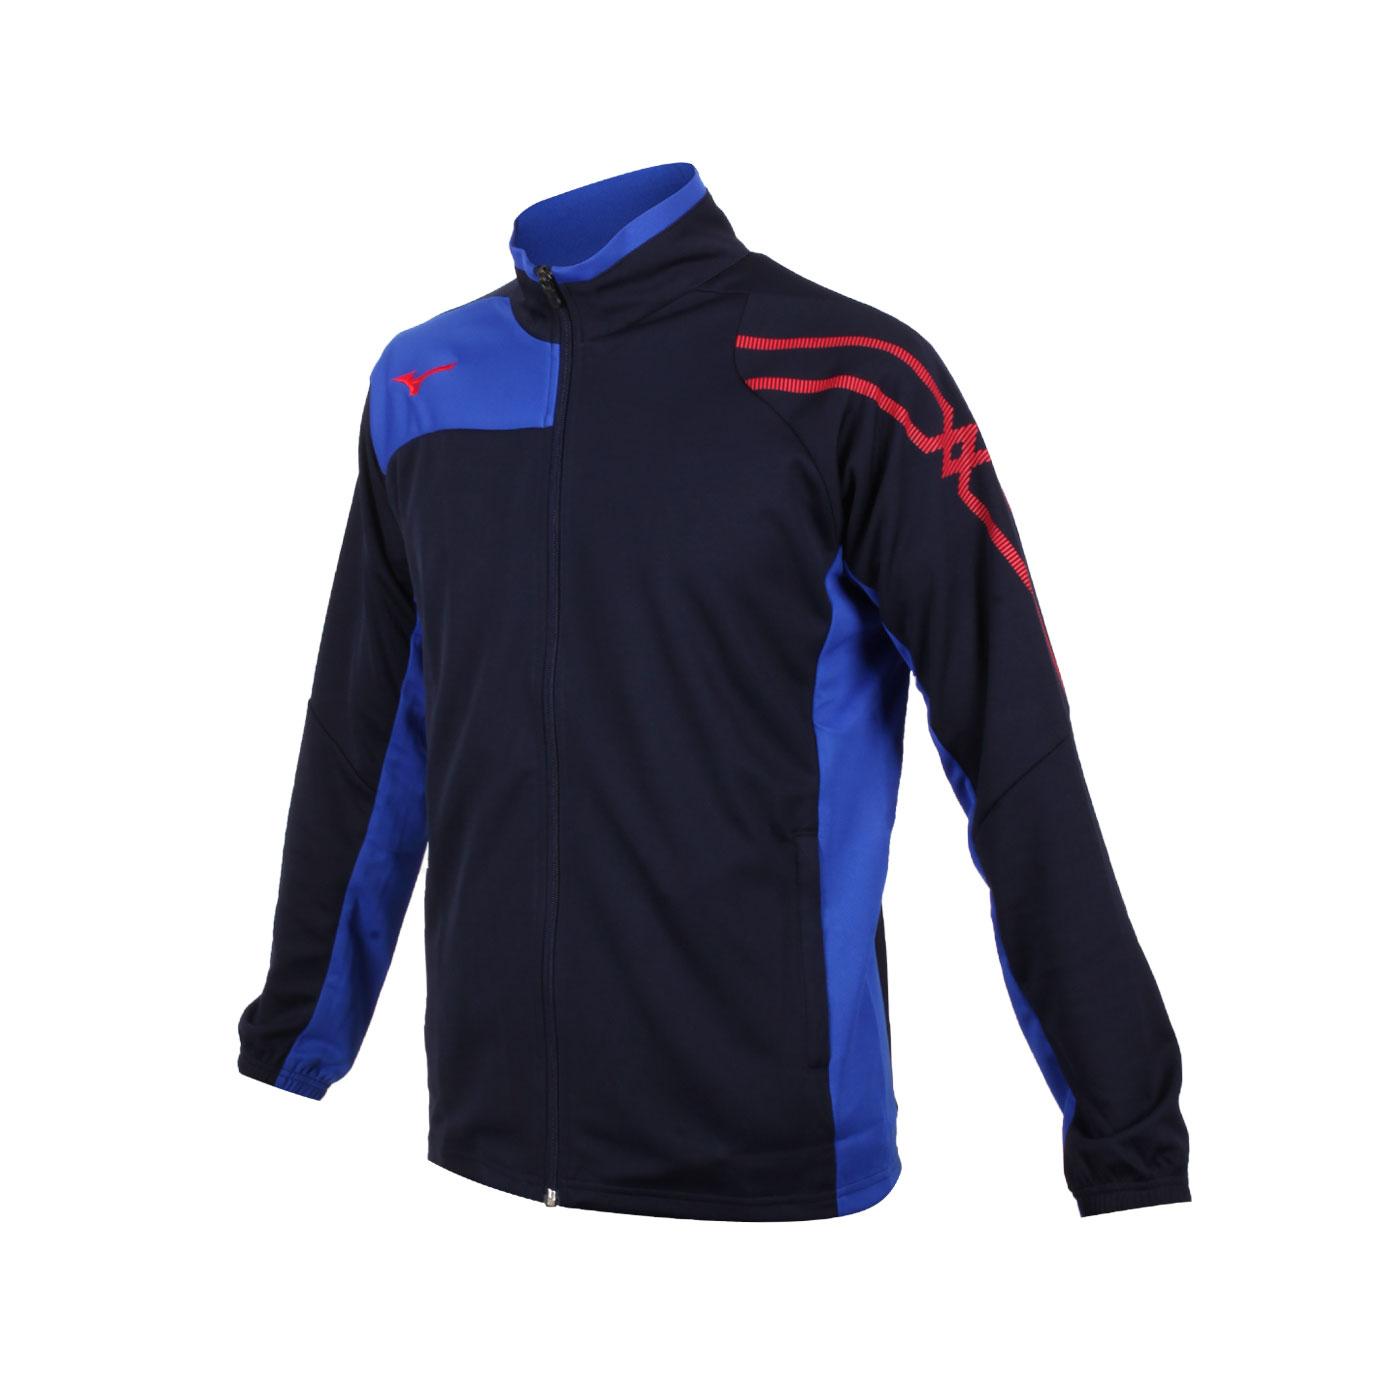 MIZUNO 男款針織立領外套 32TC103314 - 丈青藍紅